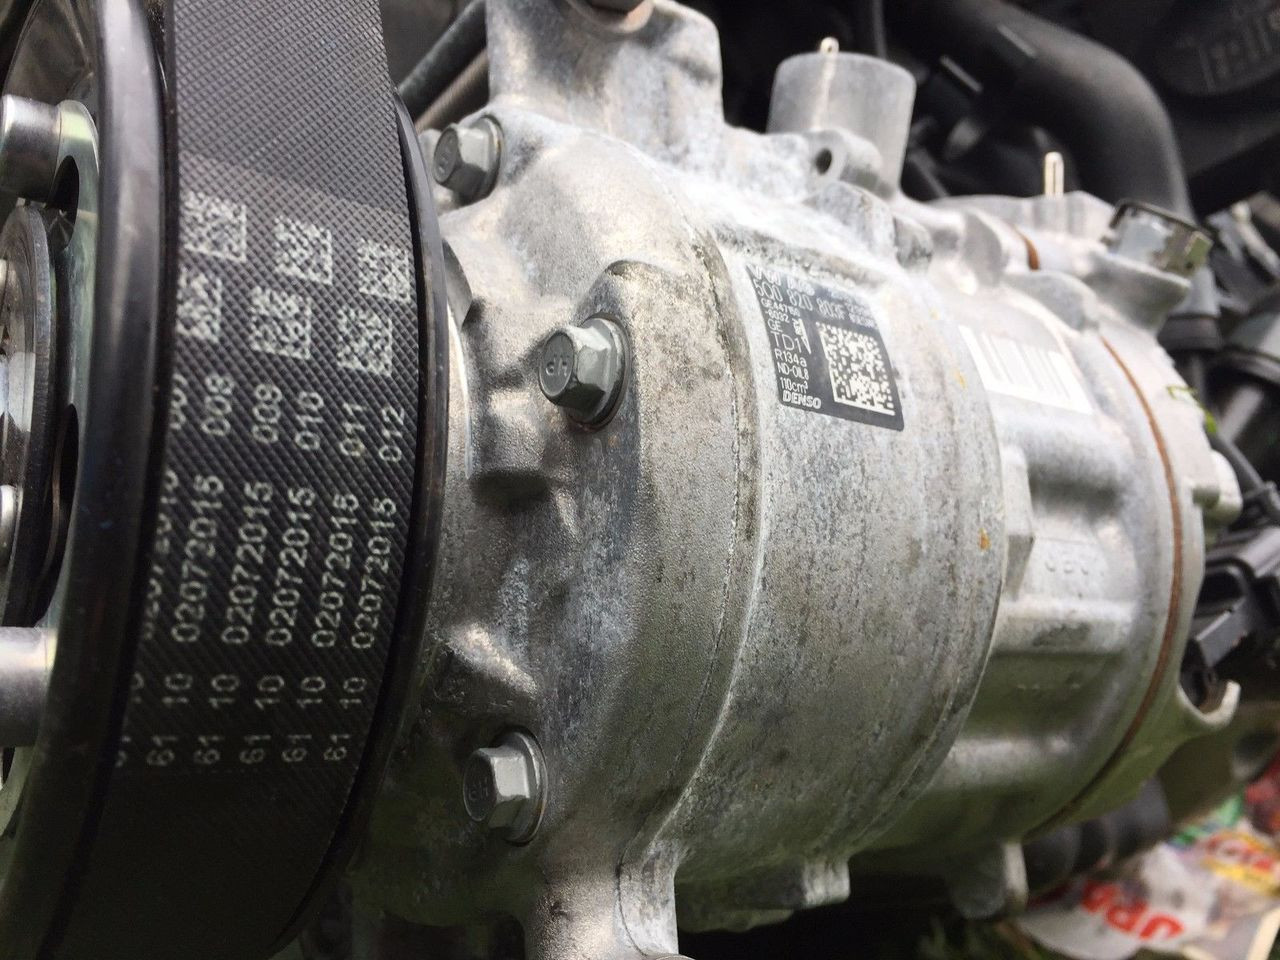 VW GOLF MK7 CZC ENGINE USED AC COMPRESSOR 5Q0 820 803 F